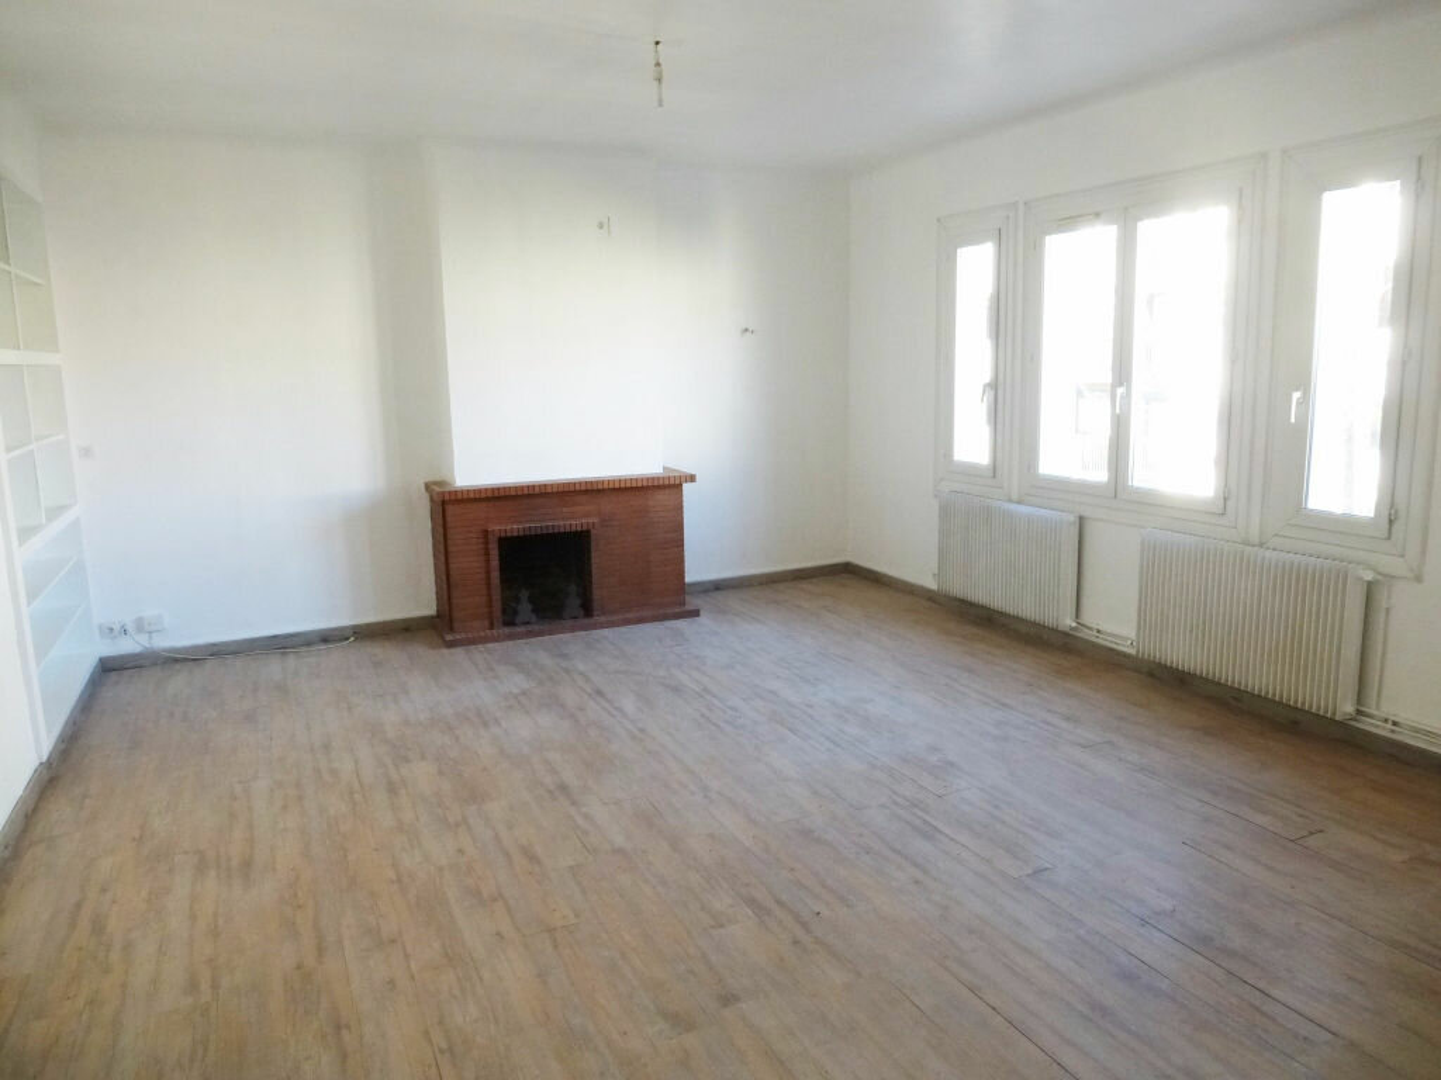 Appartement à louer 3 72.09m2 à Perpignan vignette-1